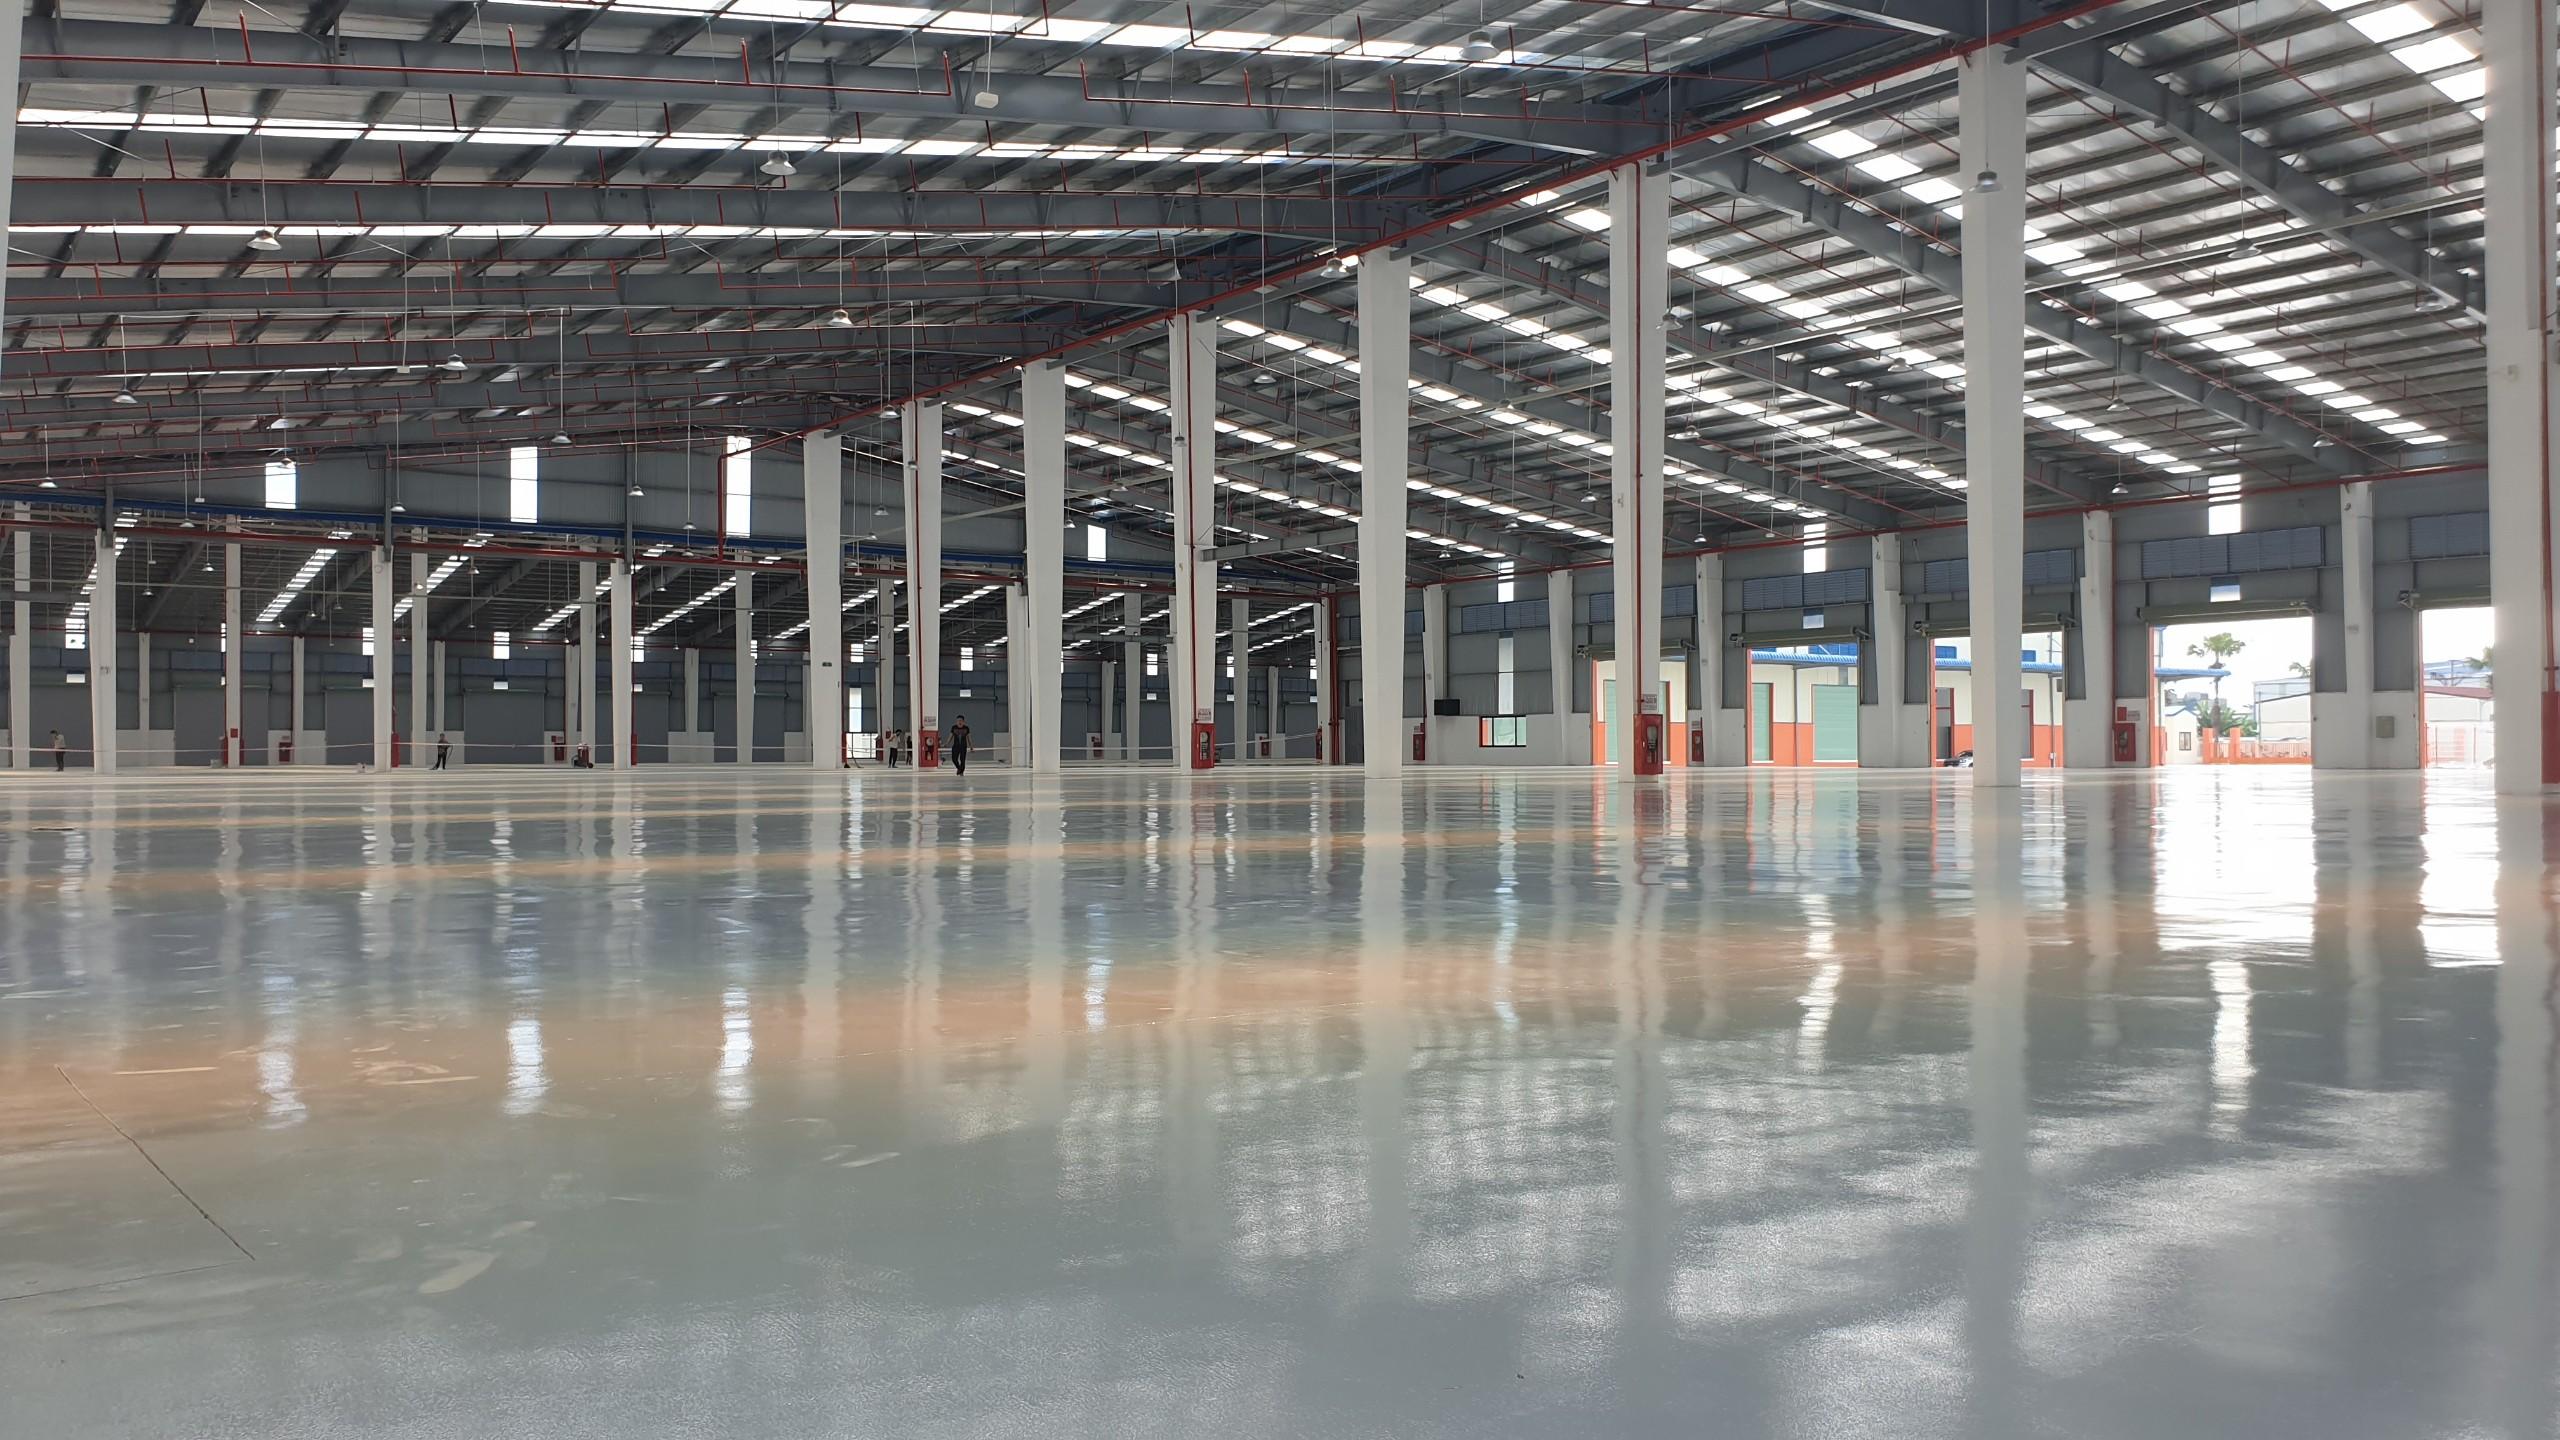 Chính chủ cho thuê kho, xưởng tiêu chuẩn, đầy đủ pháp lý, pccc tại KCN Đài Tư, Long Biên Giá 6$/m2/tháng